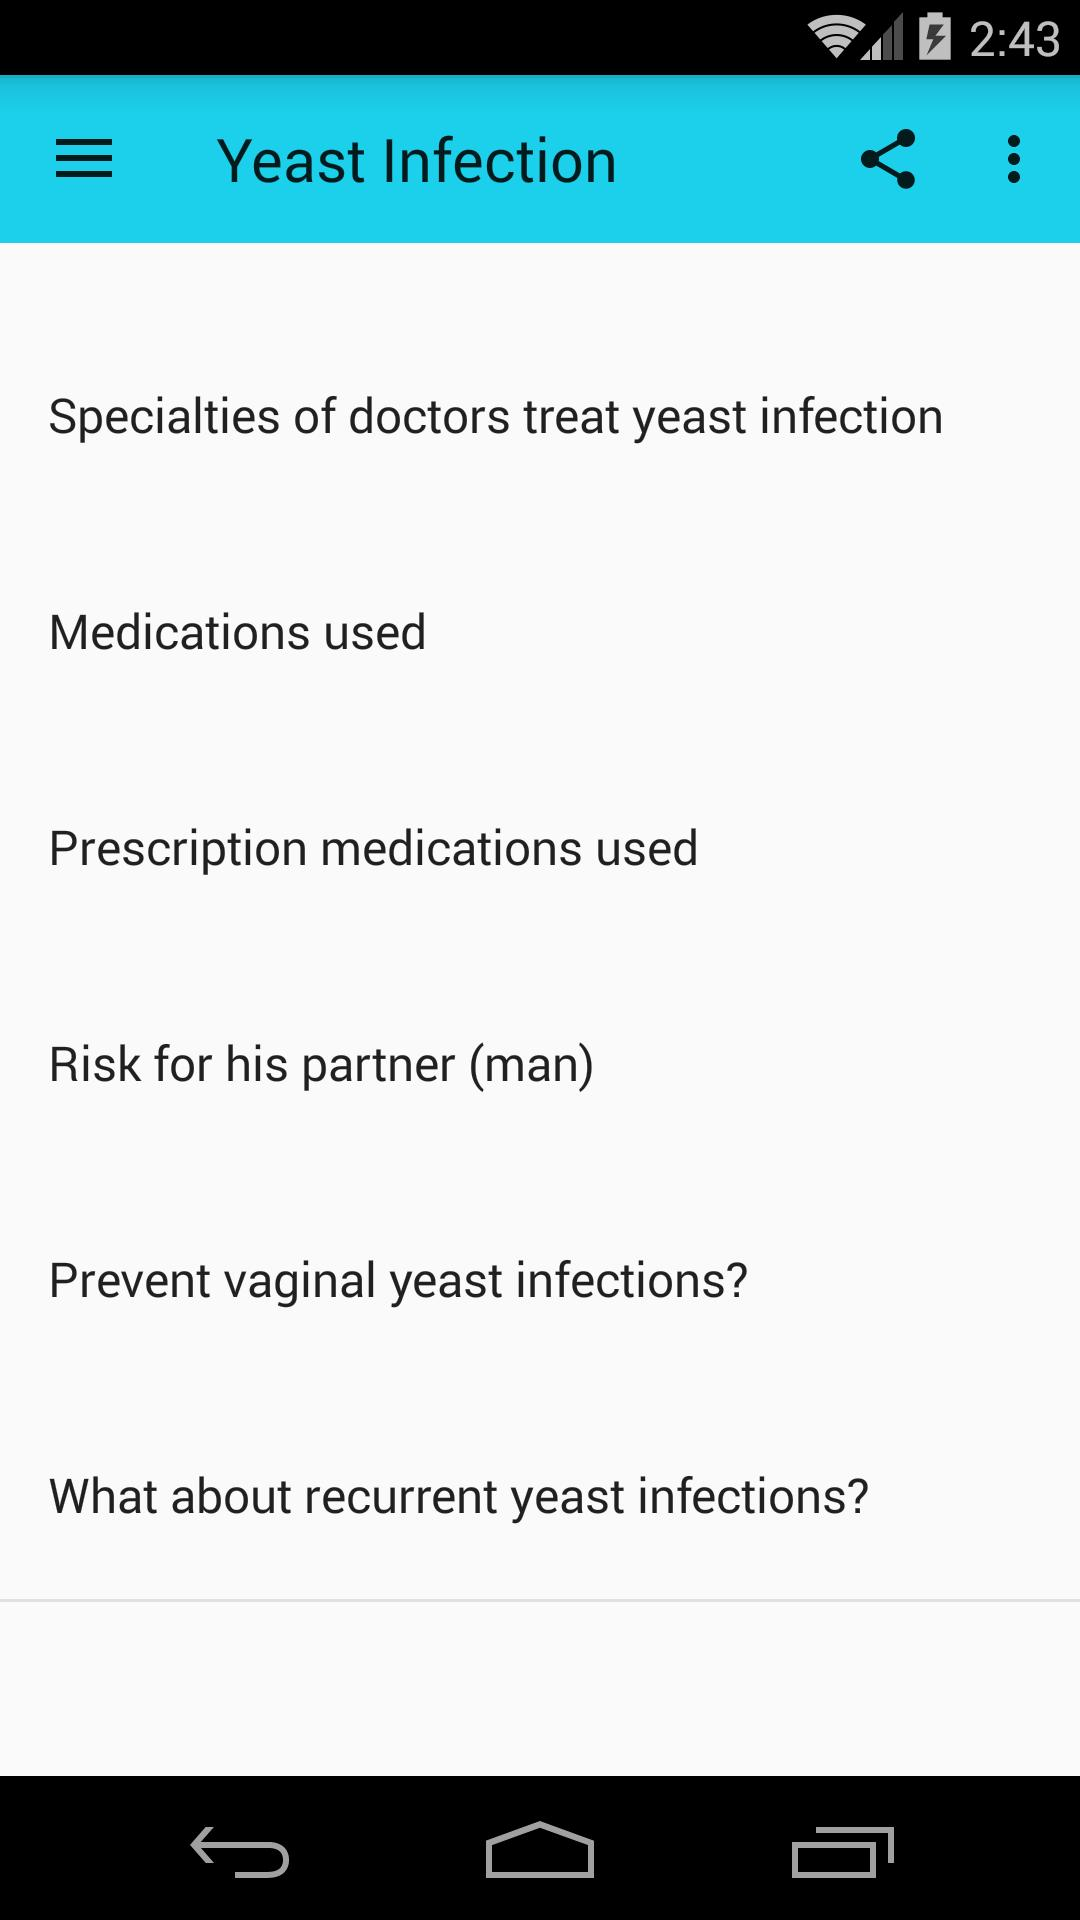 webmd síntomas de infección por levaduras